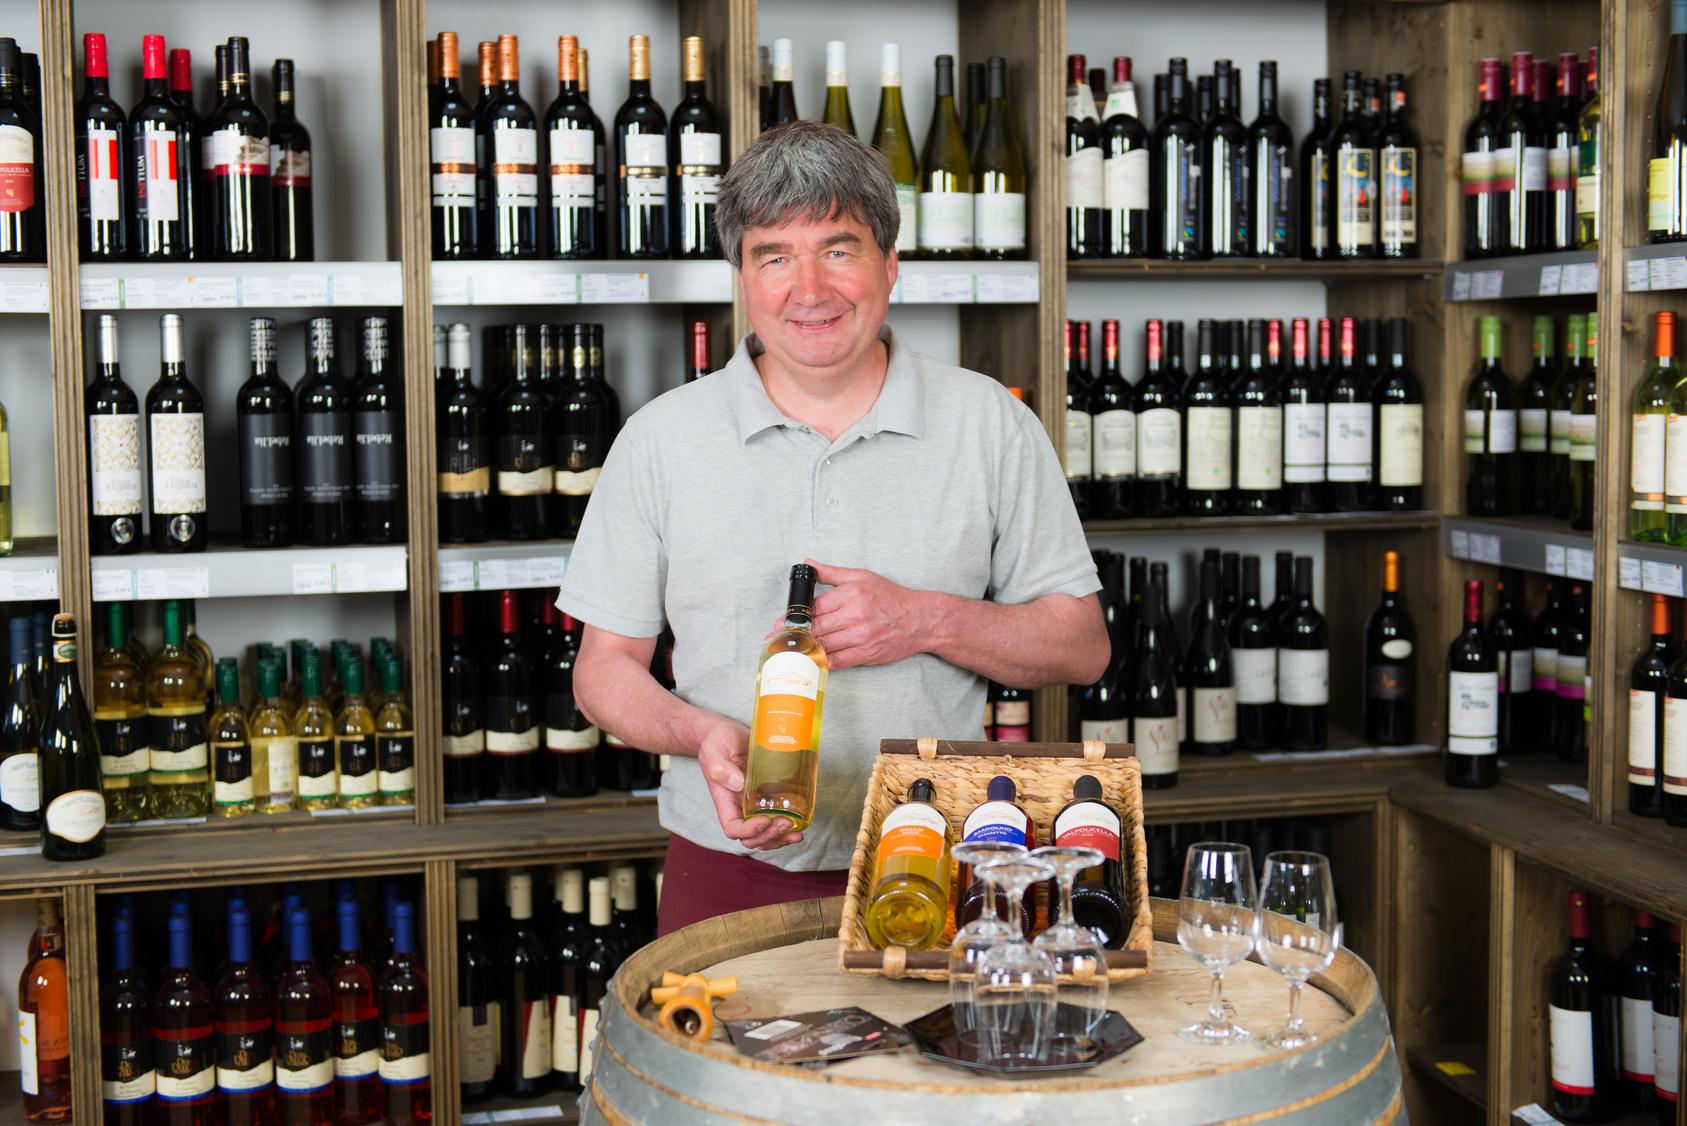 Wein online auswählen, anklicken und schon kommt er zu Ihnen nach Hause!